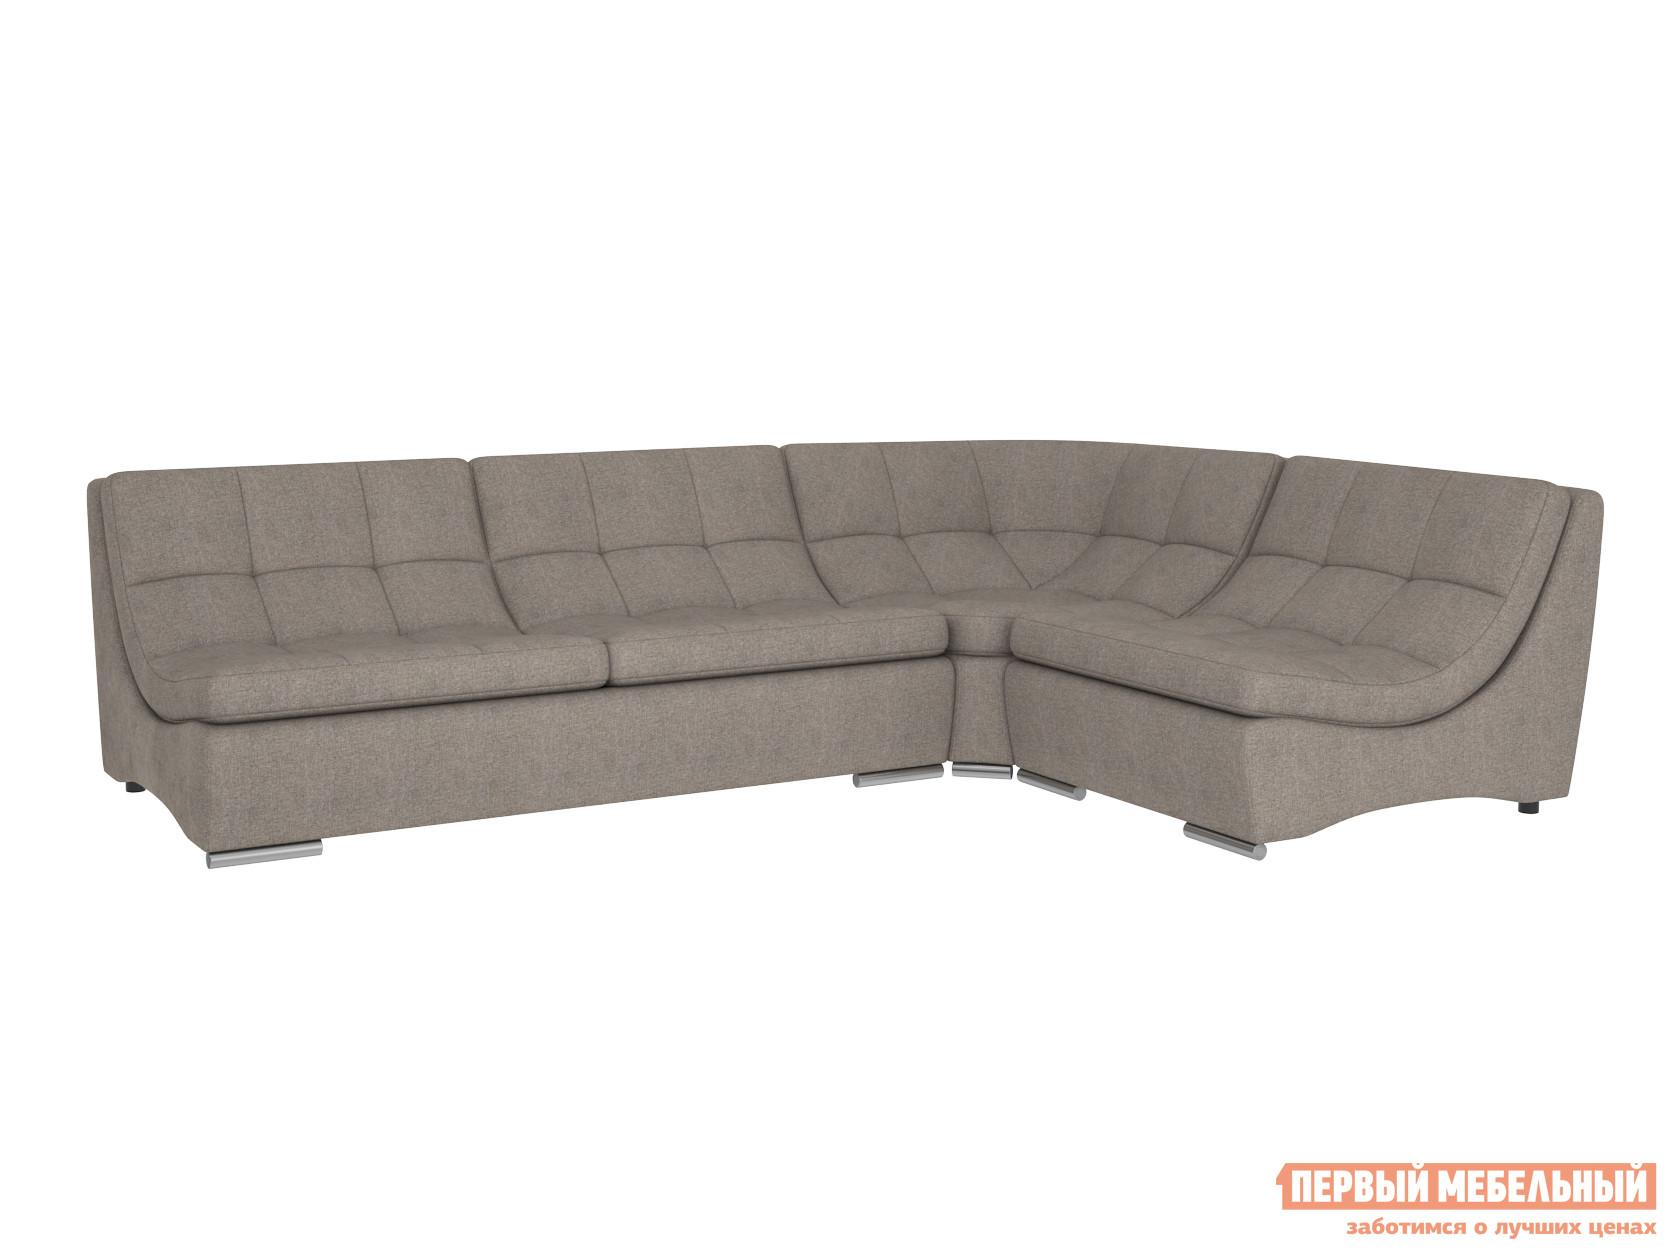 Угловой диван Первый Мебельный Модульная система Сан-Диего с механизмом, вариант 2